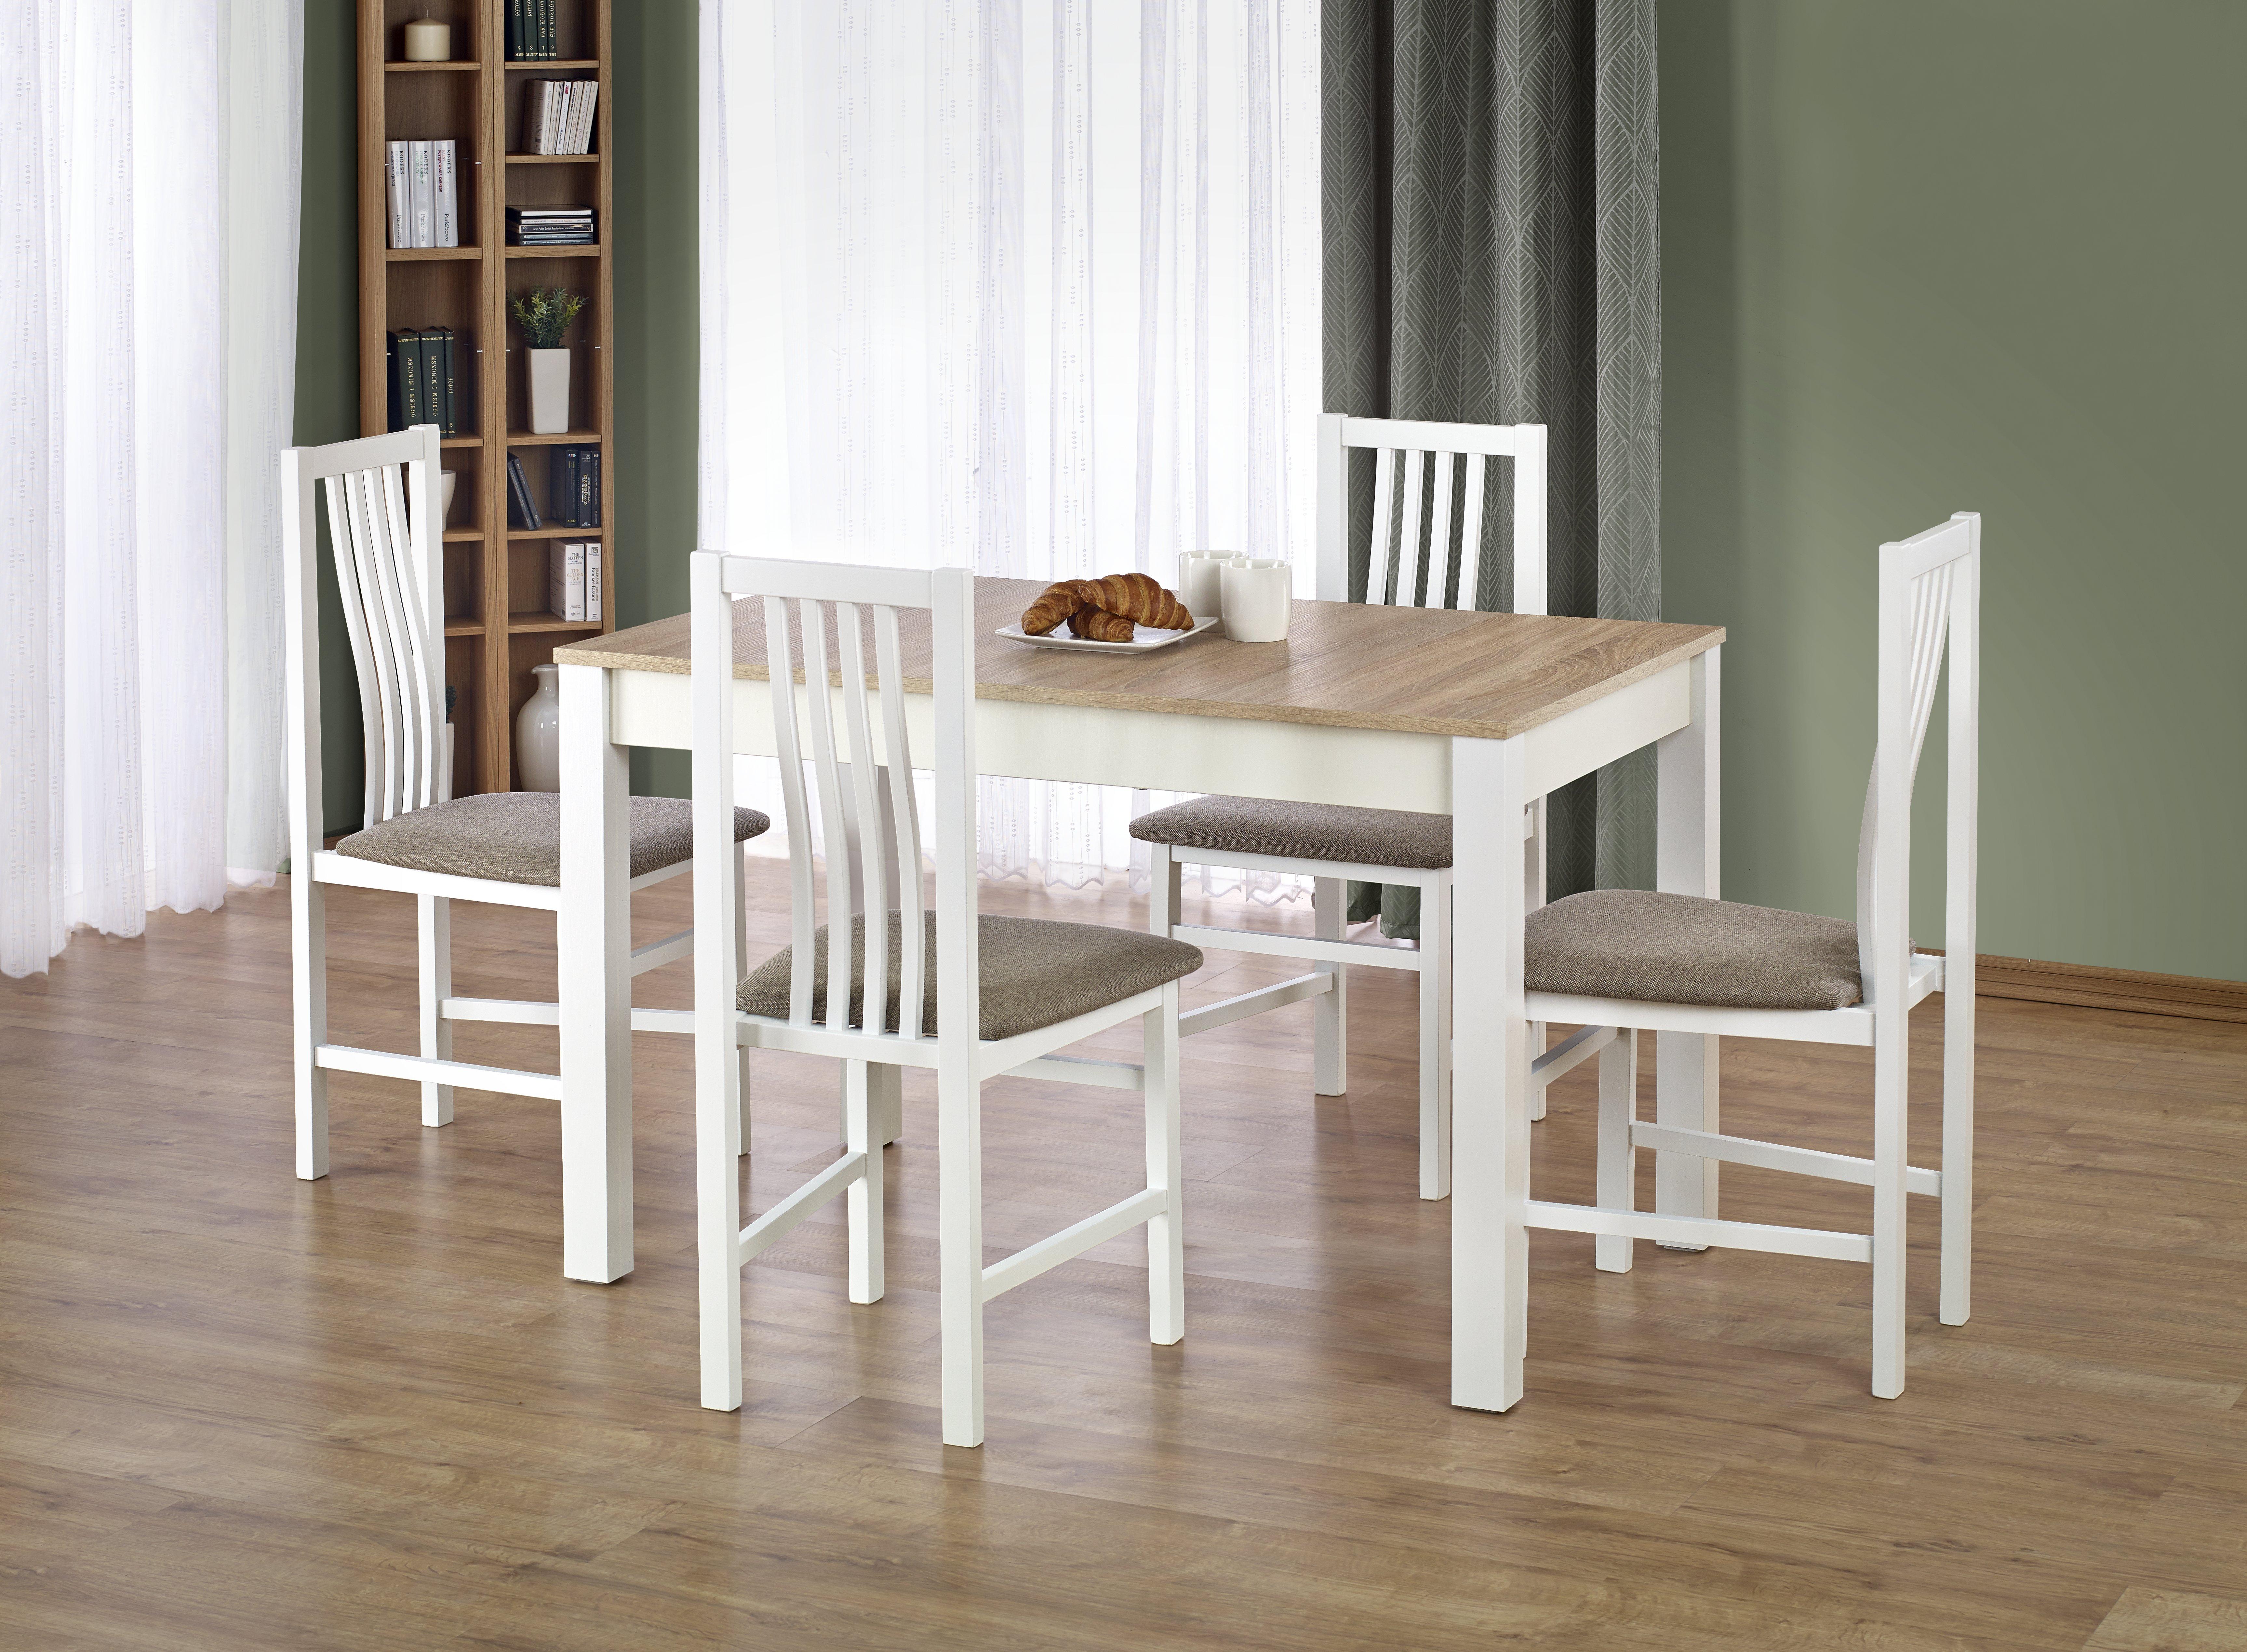 Jídelní stůl - Halmar - Ksawery (dub sonoma + bílá) (pro 4 osoby)